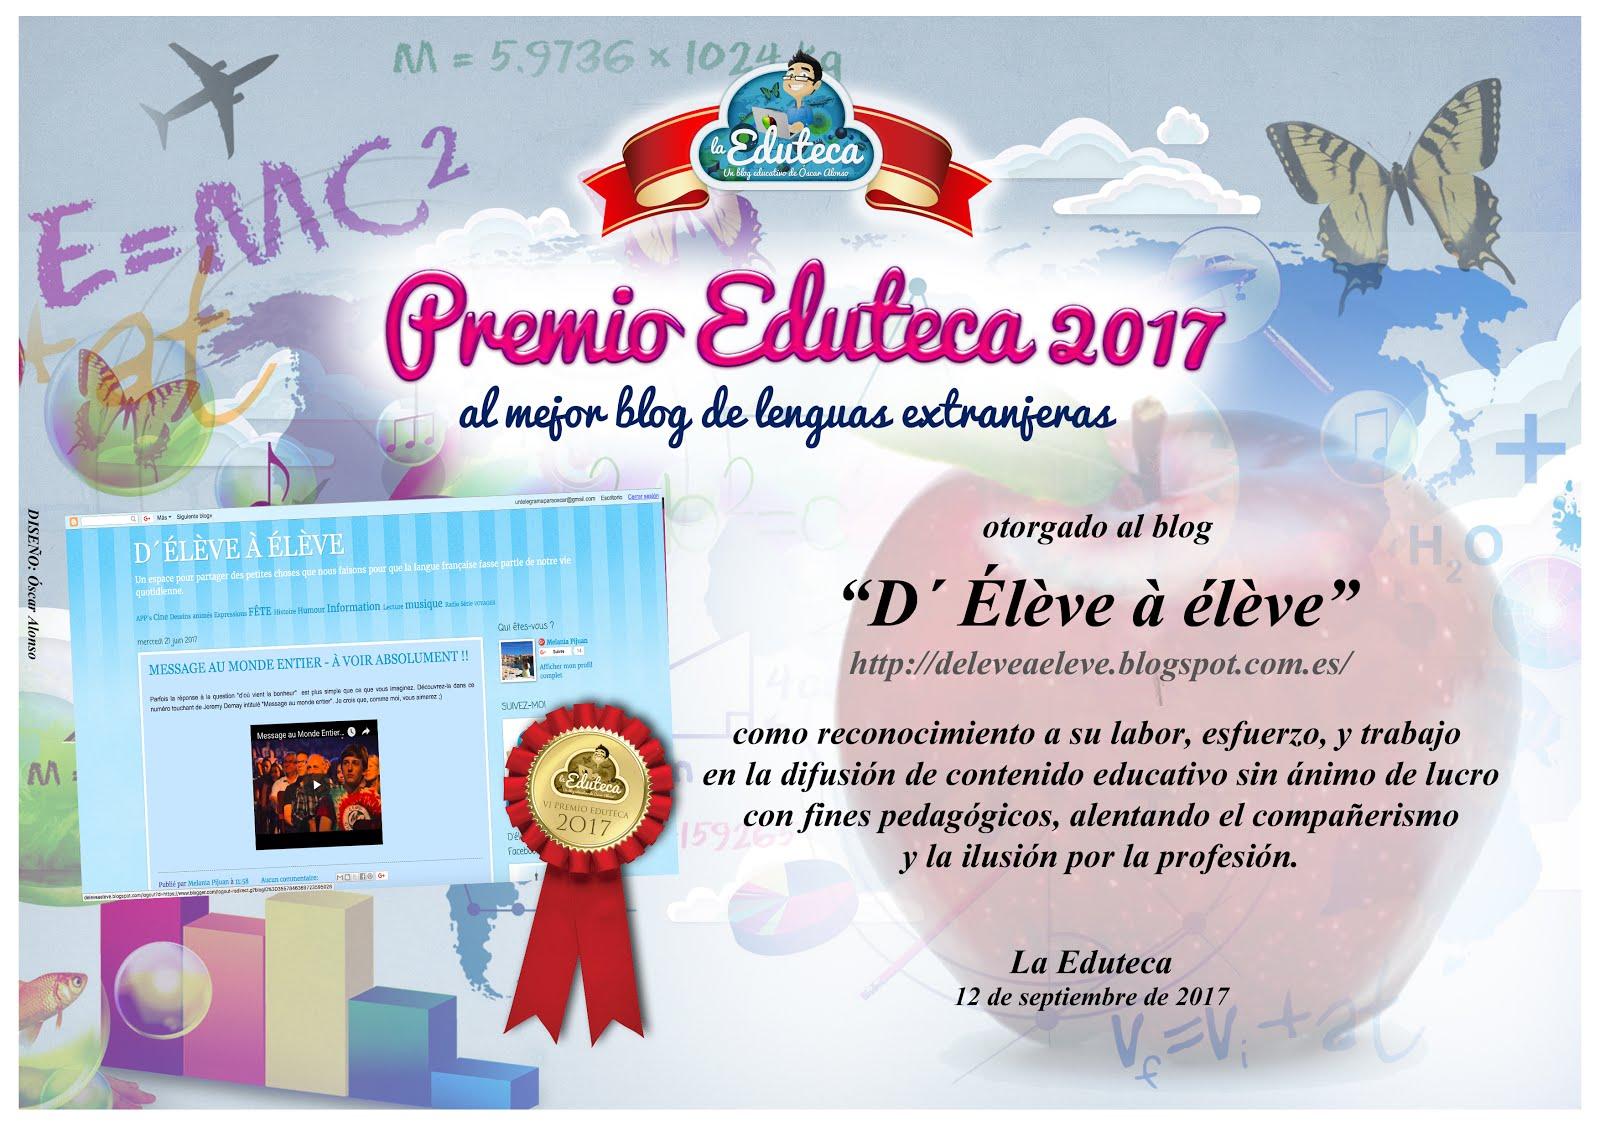 Mejor blog de lenguas extranjeras 2017